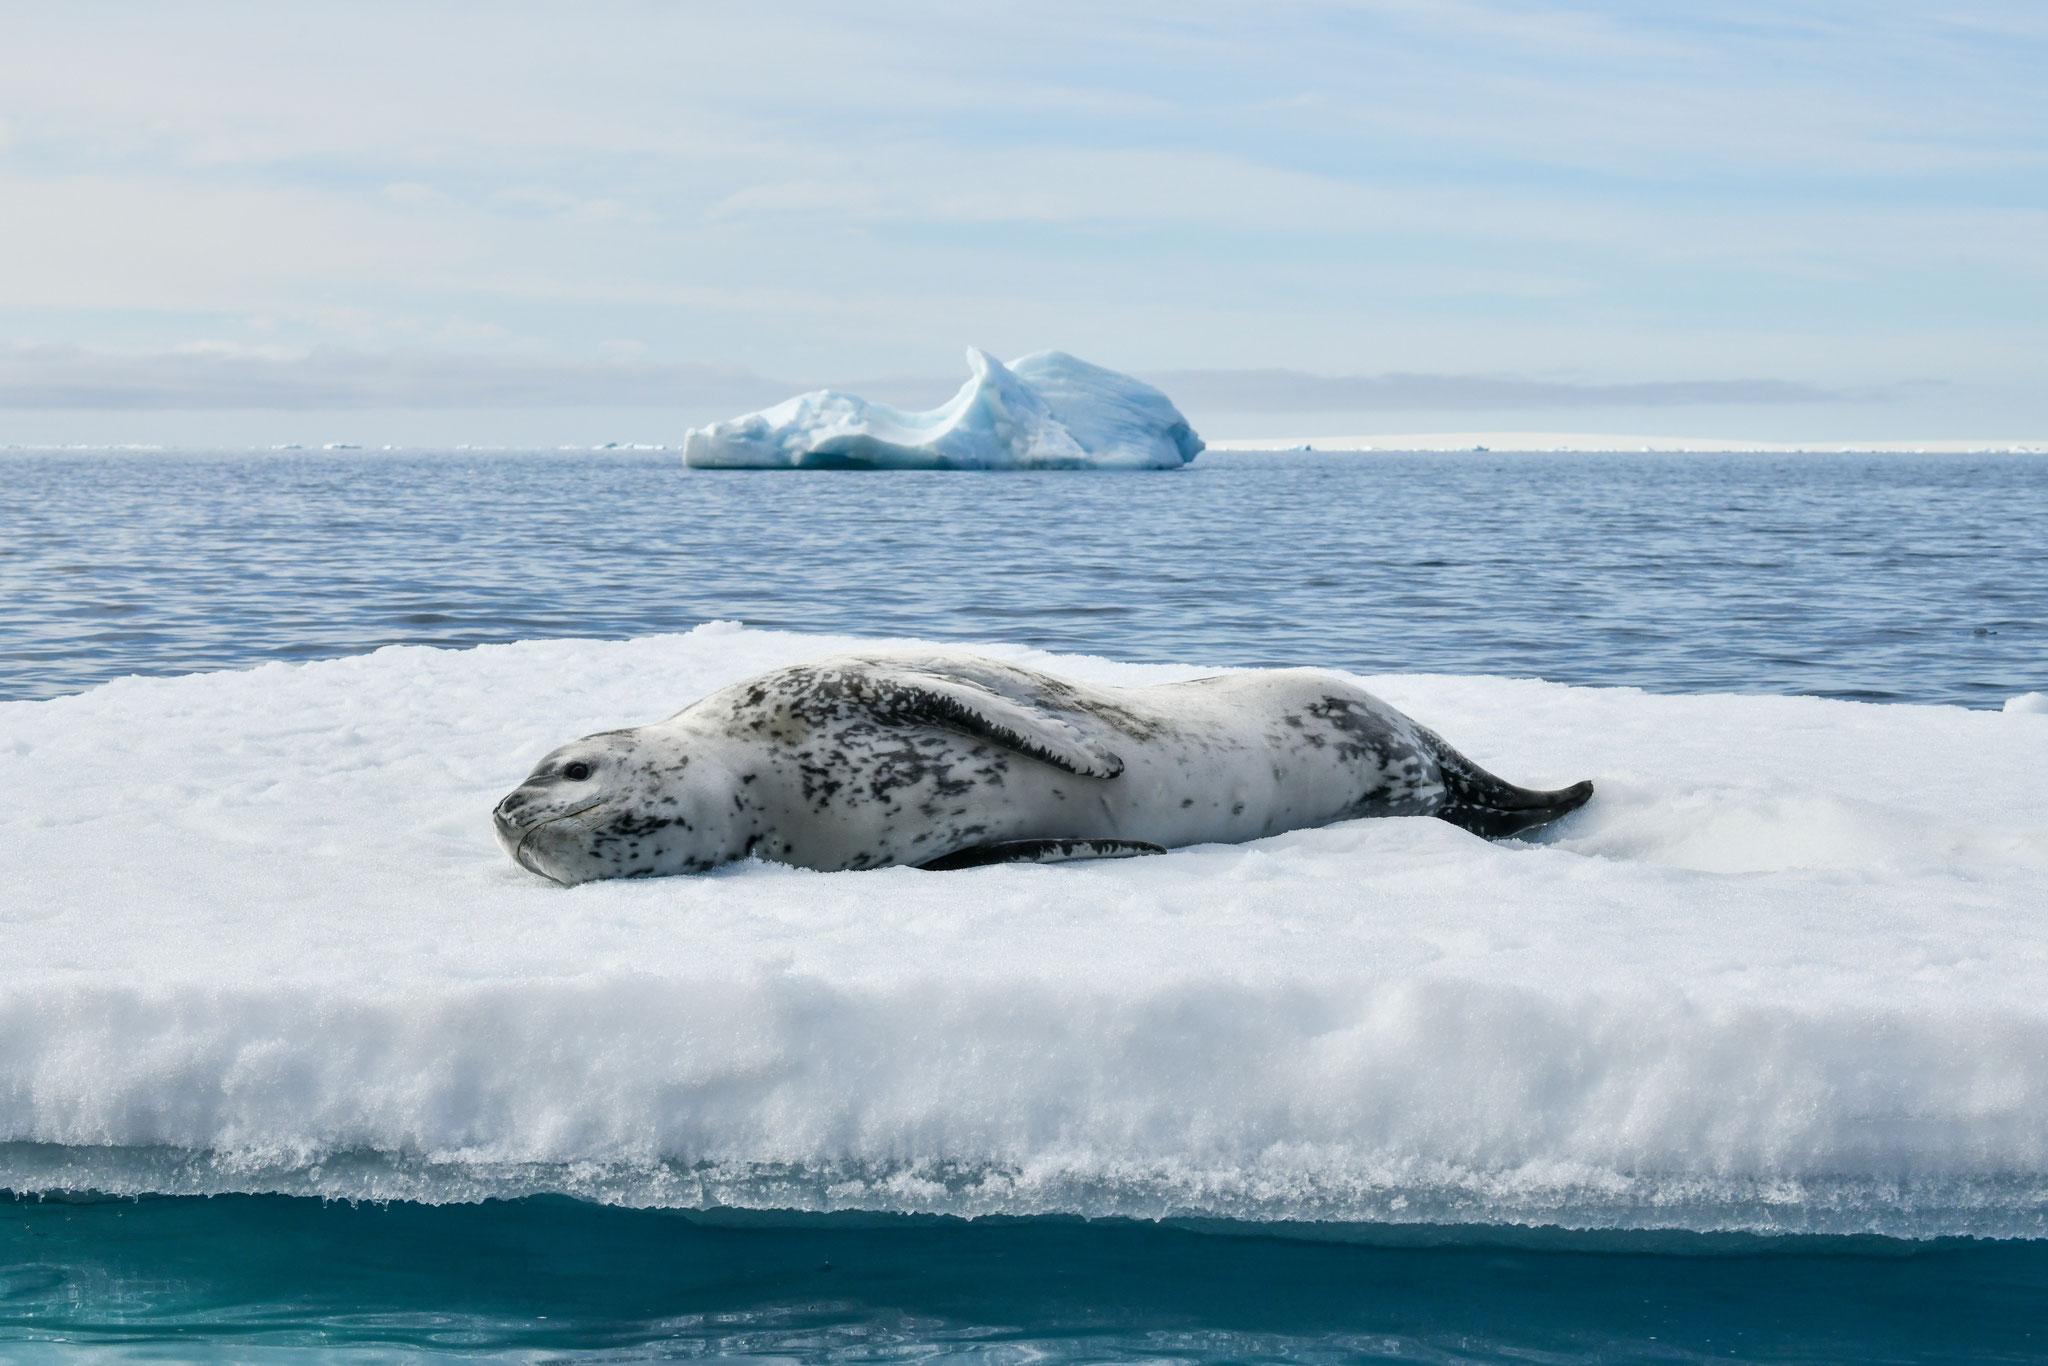 南極王者も休憩中 ヒョウアザラシ